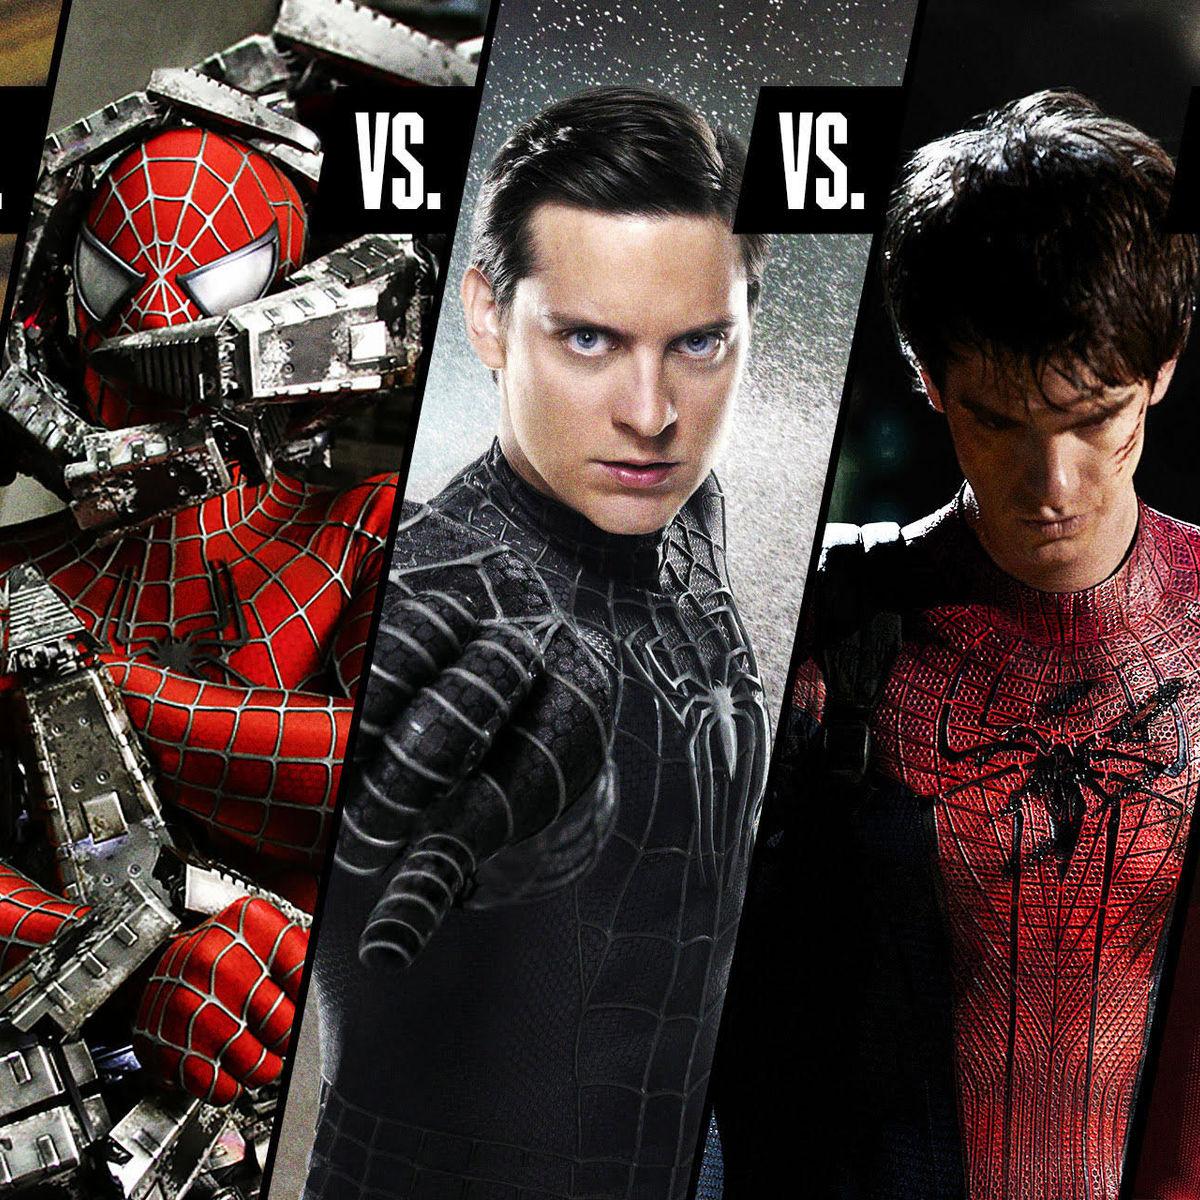 Debate Club: Best Spider-Man movie